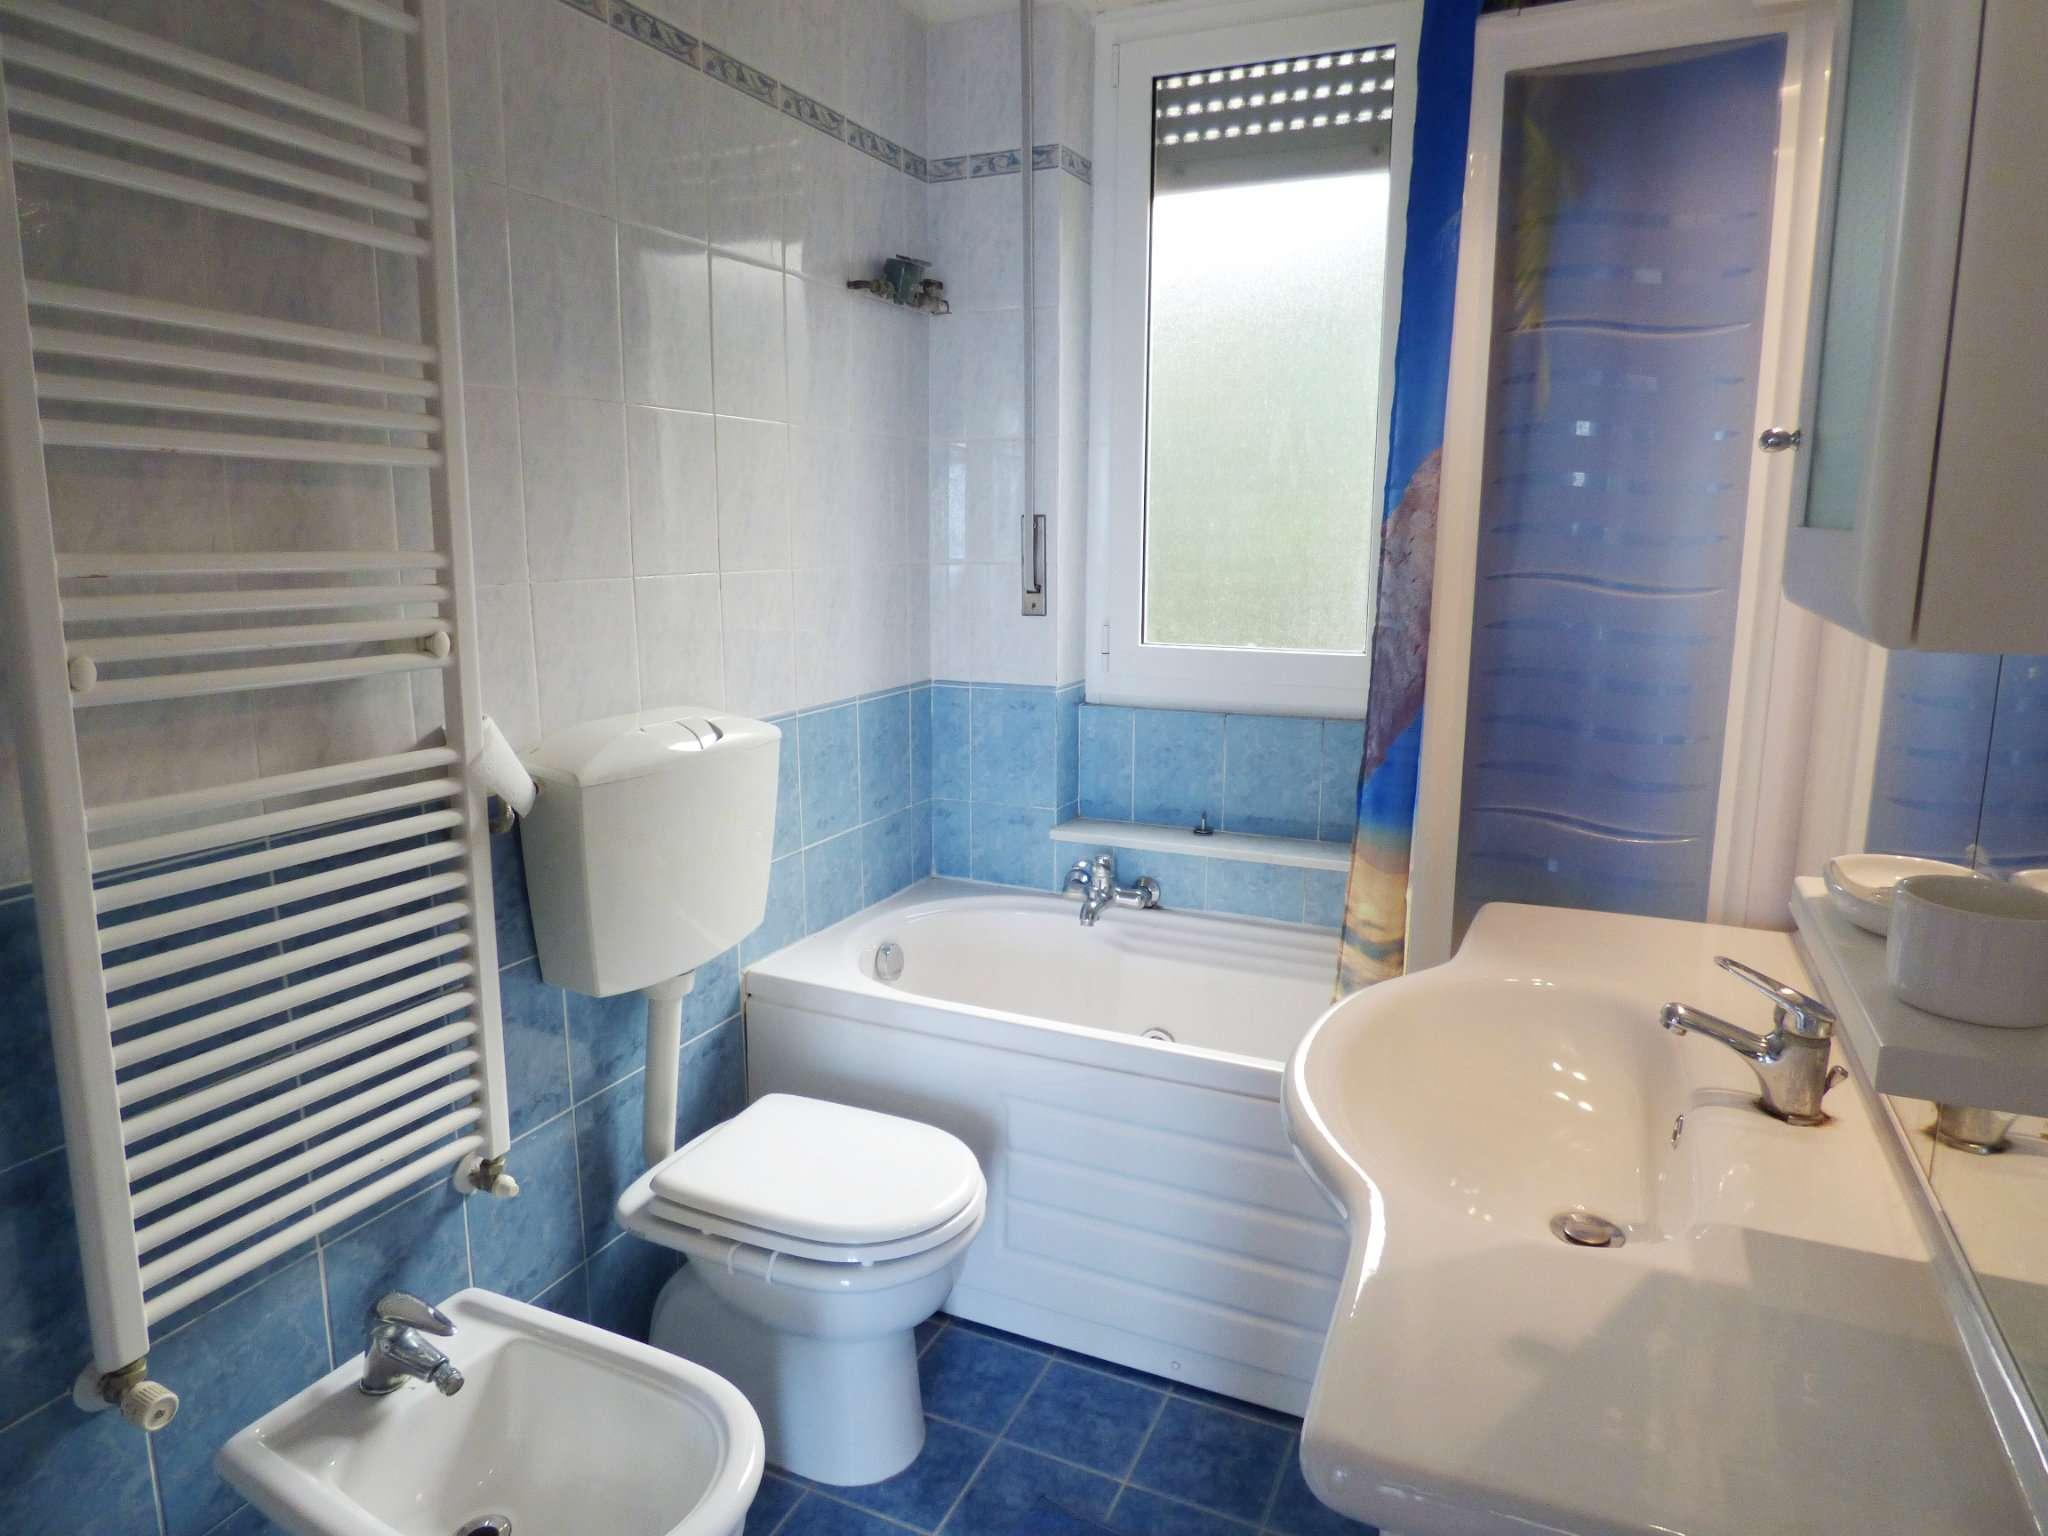 Appartamento in vendita a Bargagli, 4 locali, prezzo € 54.000 | CambioCasa.it